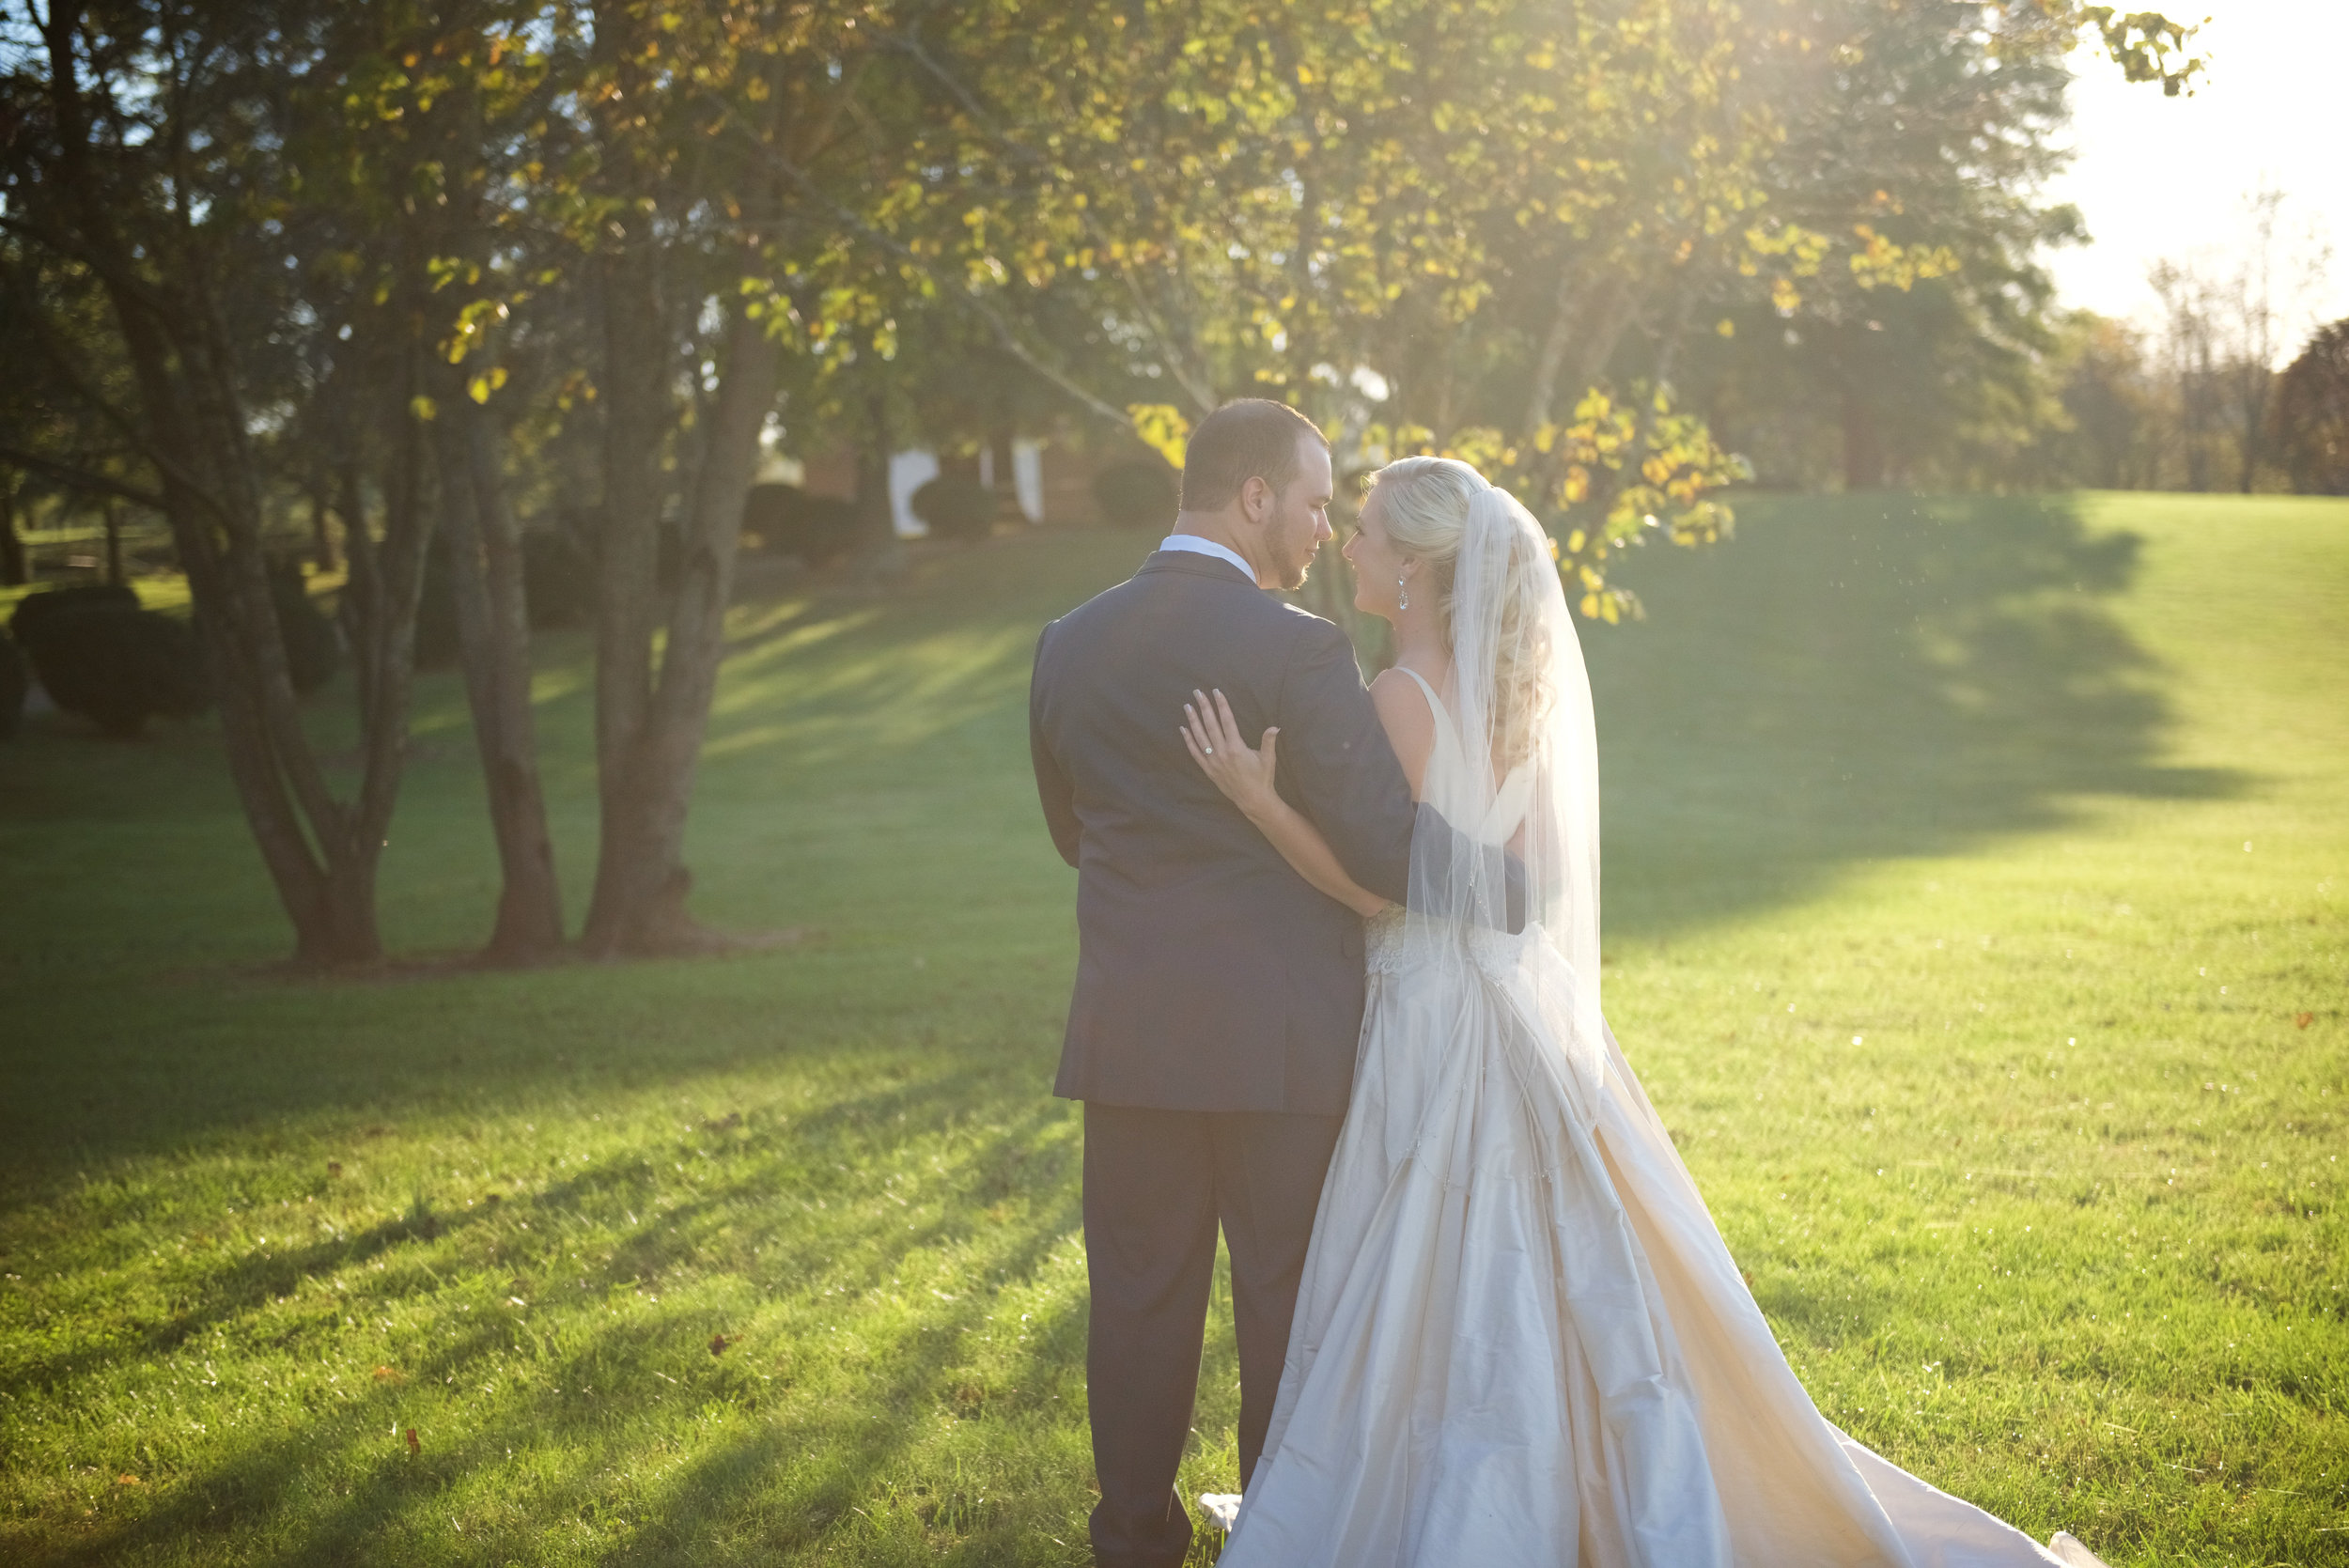 Bride & groom in the golden hour